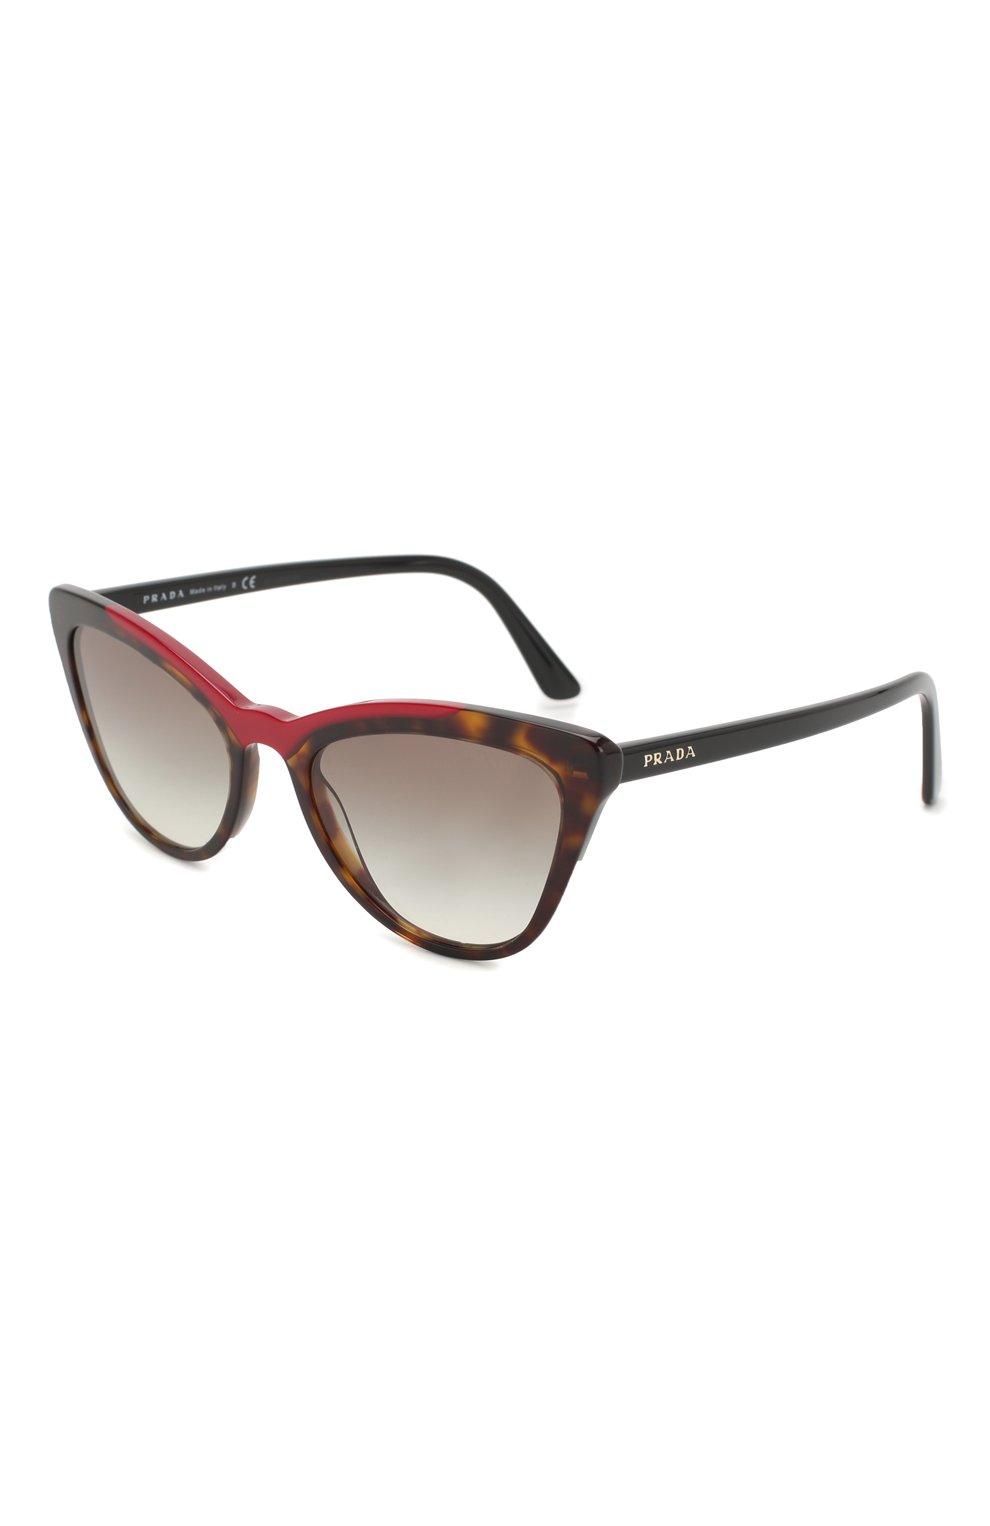 Женские солнцезащитные очки PRADA коричневого цвета, арт. 01VS-3200A7 | Фото 1